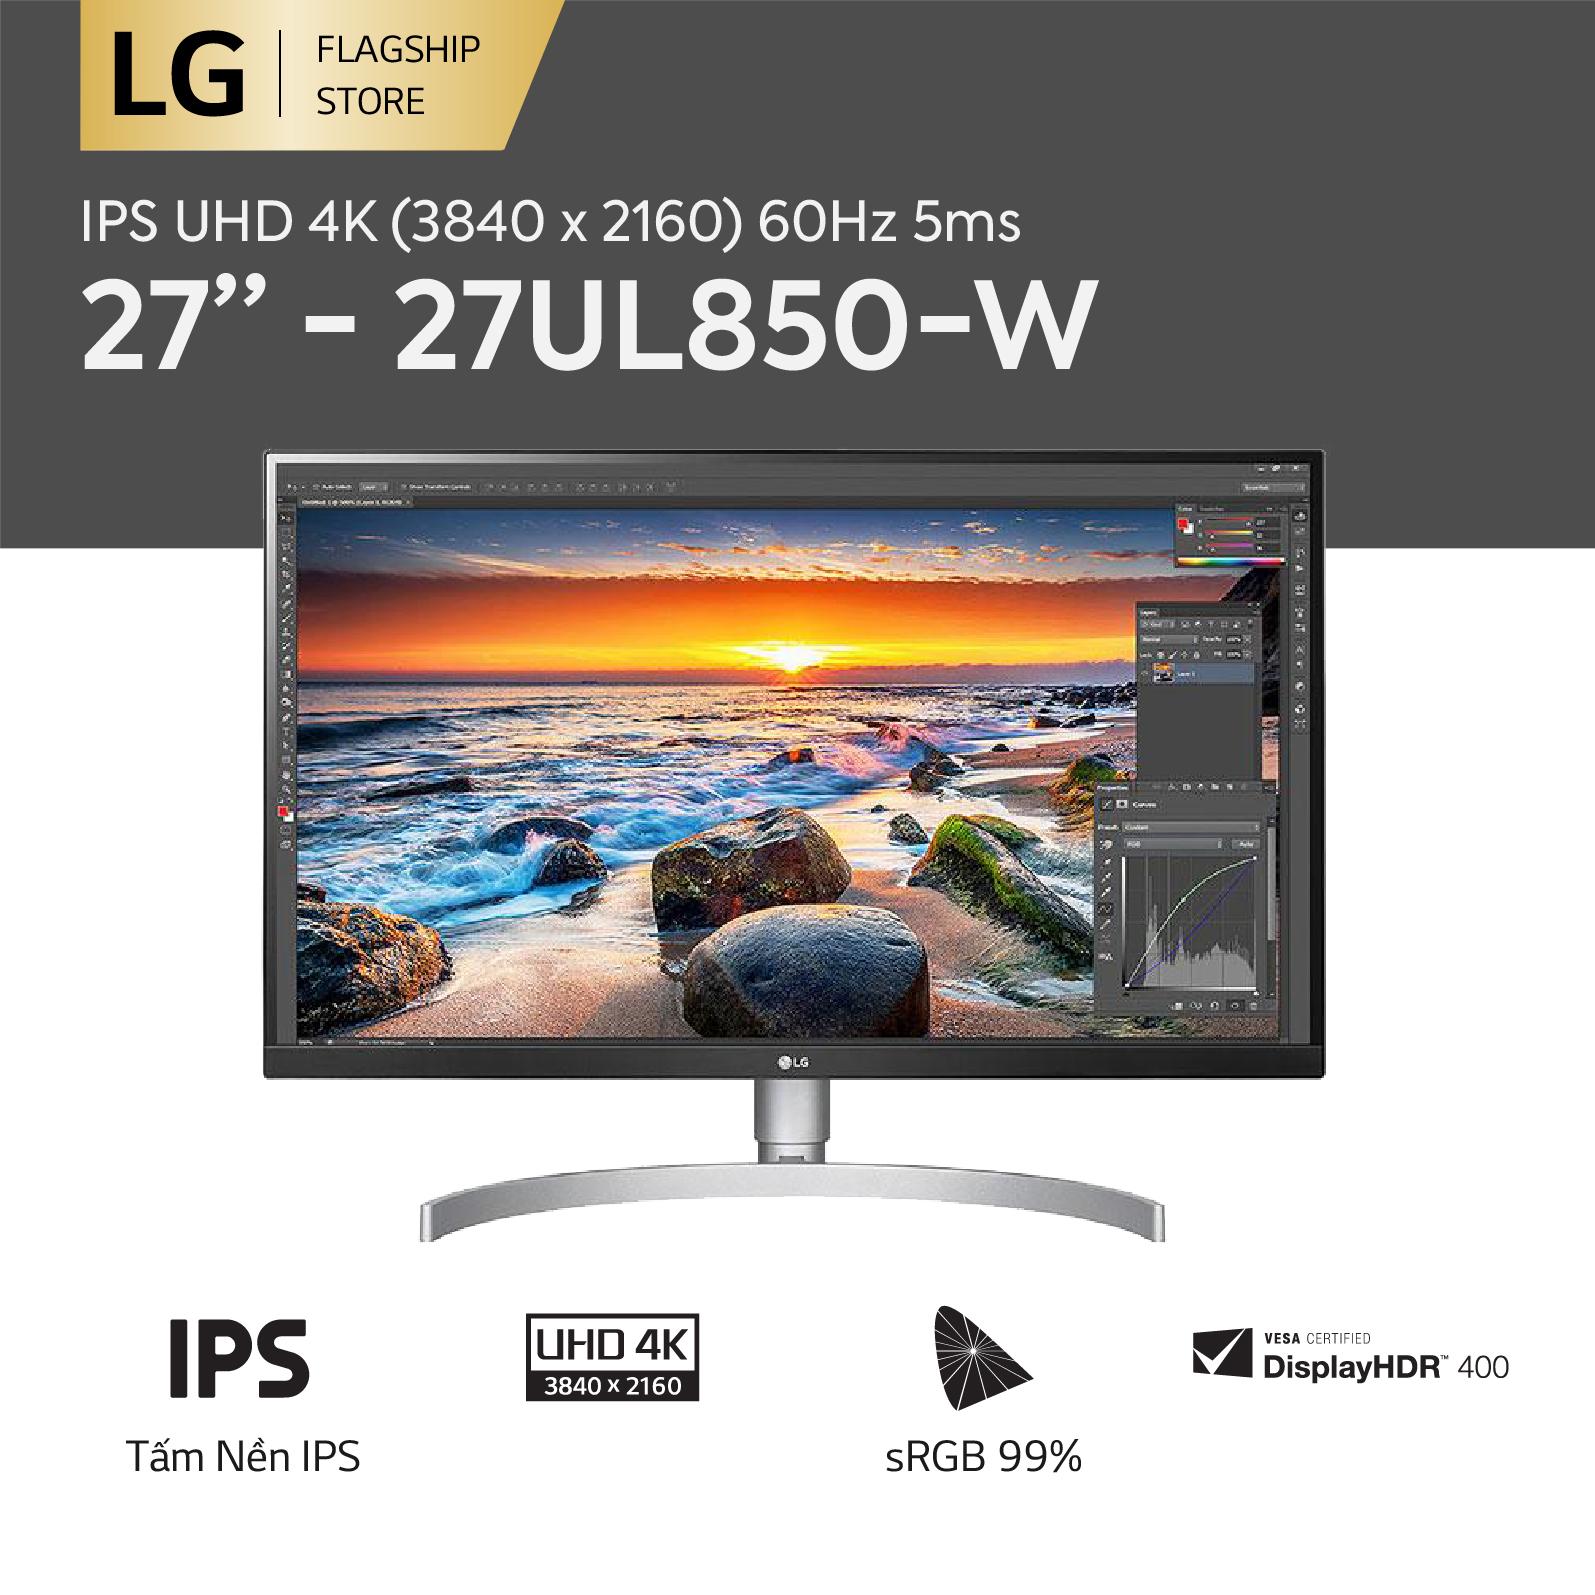 [TRẢ GÓP 0%] Màn hình máy tính LG IPS UHD 4K (3840 x 2160) 60Hz 5ms 27 inches l 27UL850-W l HÀNG CHÍNH HÃNG